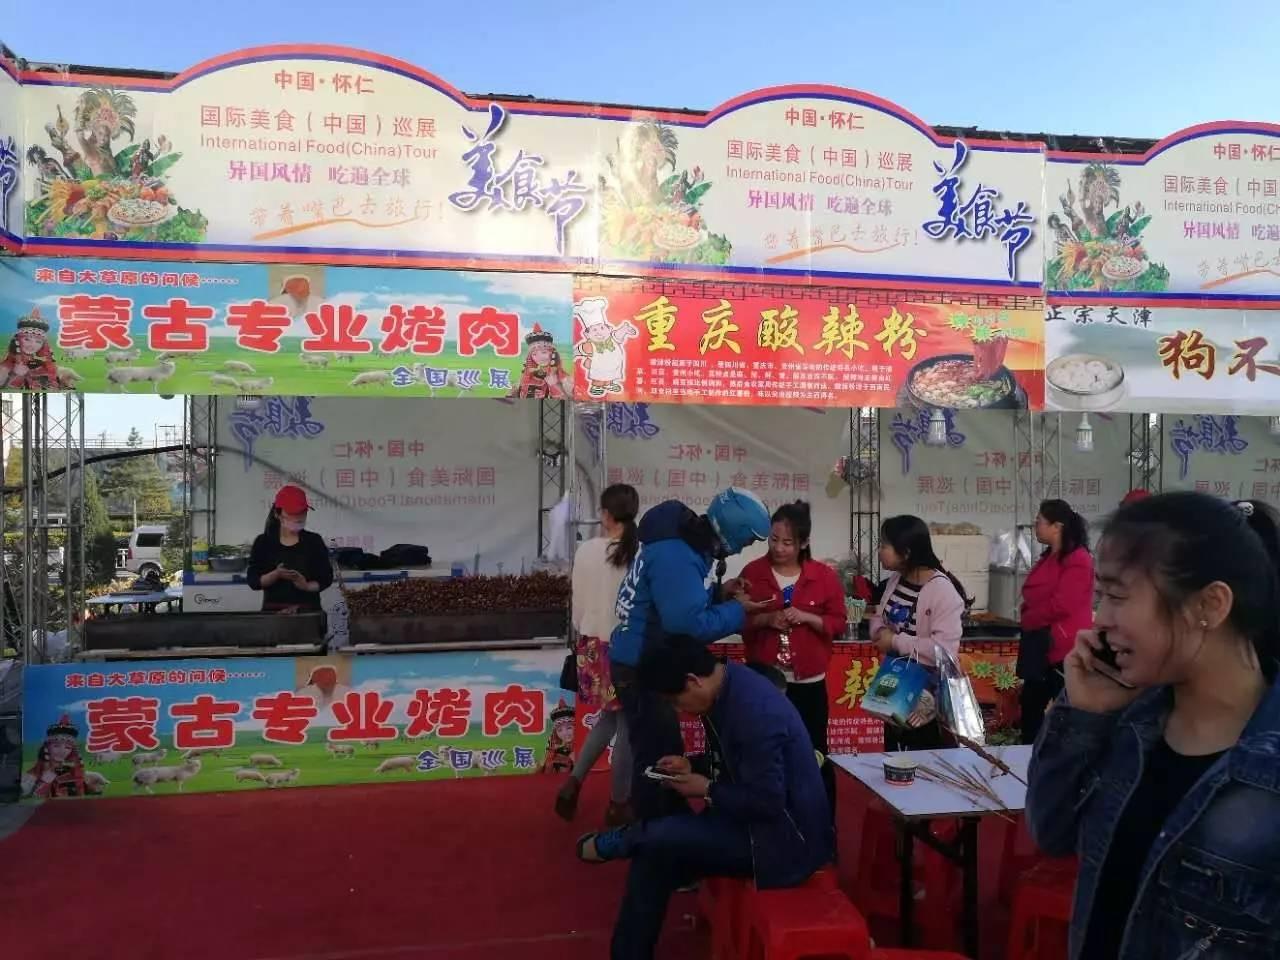 2017中国 怀仁首届美食节 国际美食 中国 巡展,在神隆生活广场盛大开